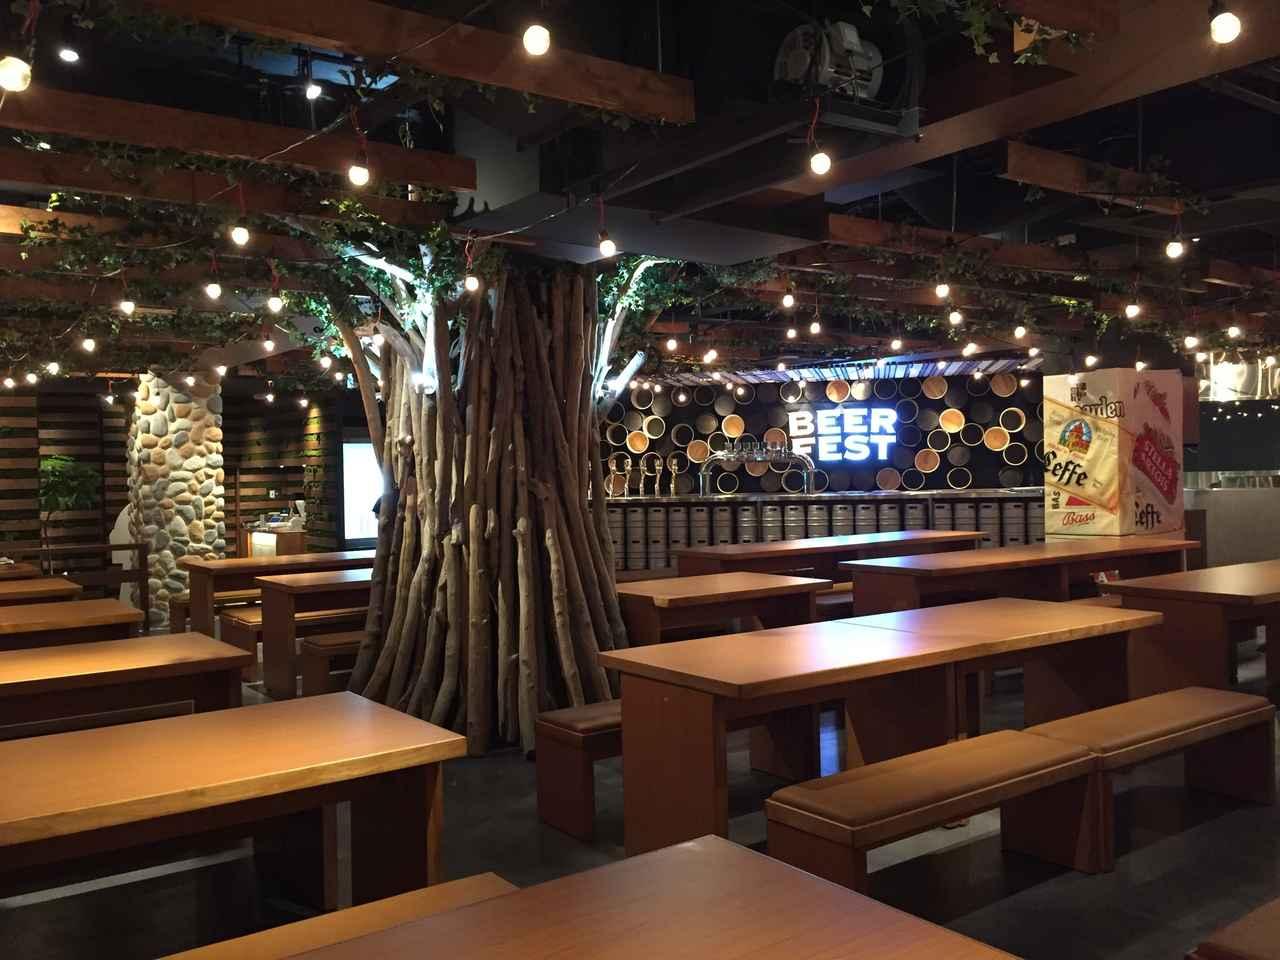 画像: 29 BEER FEST 溝口駅前(にーきゅーびあふぇすとみぞのくちえきまえ)|ビアレストラン